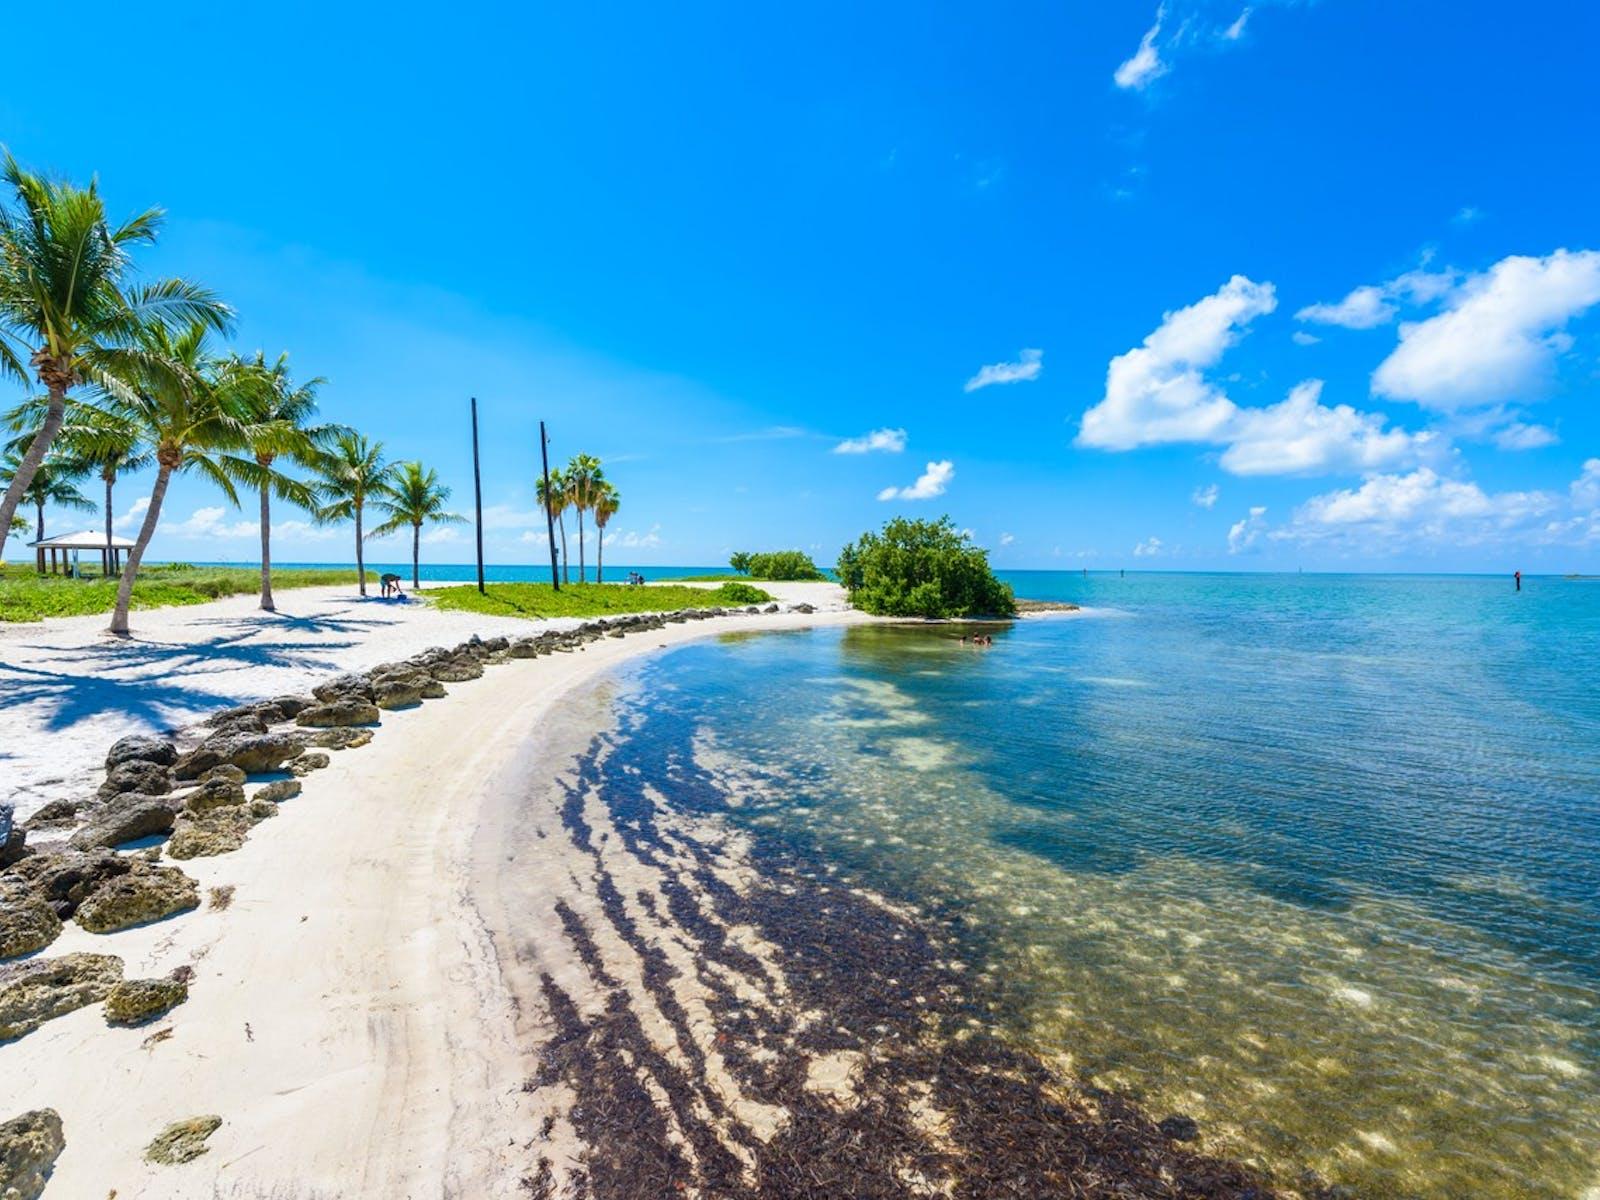 Beautiful beach in Marathon, FL